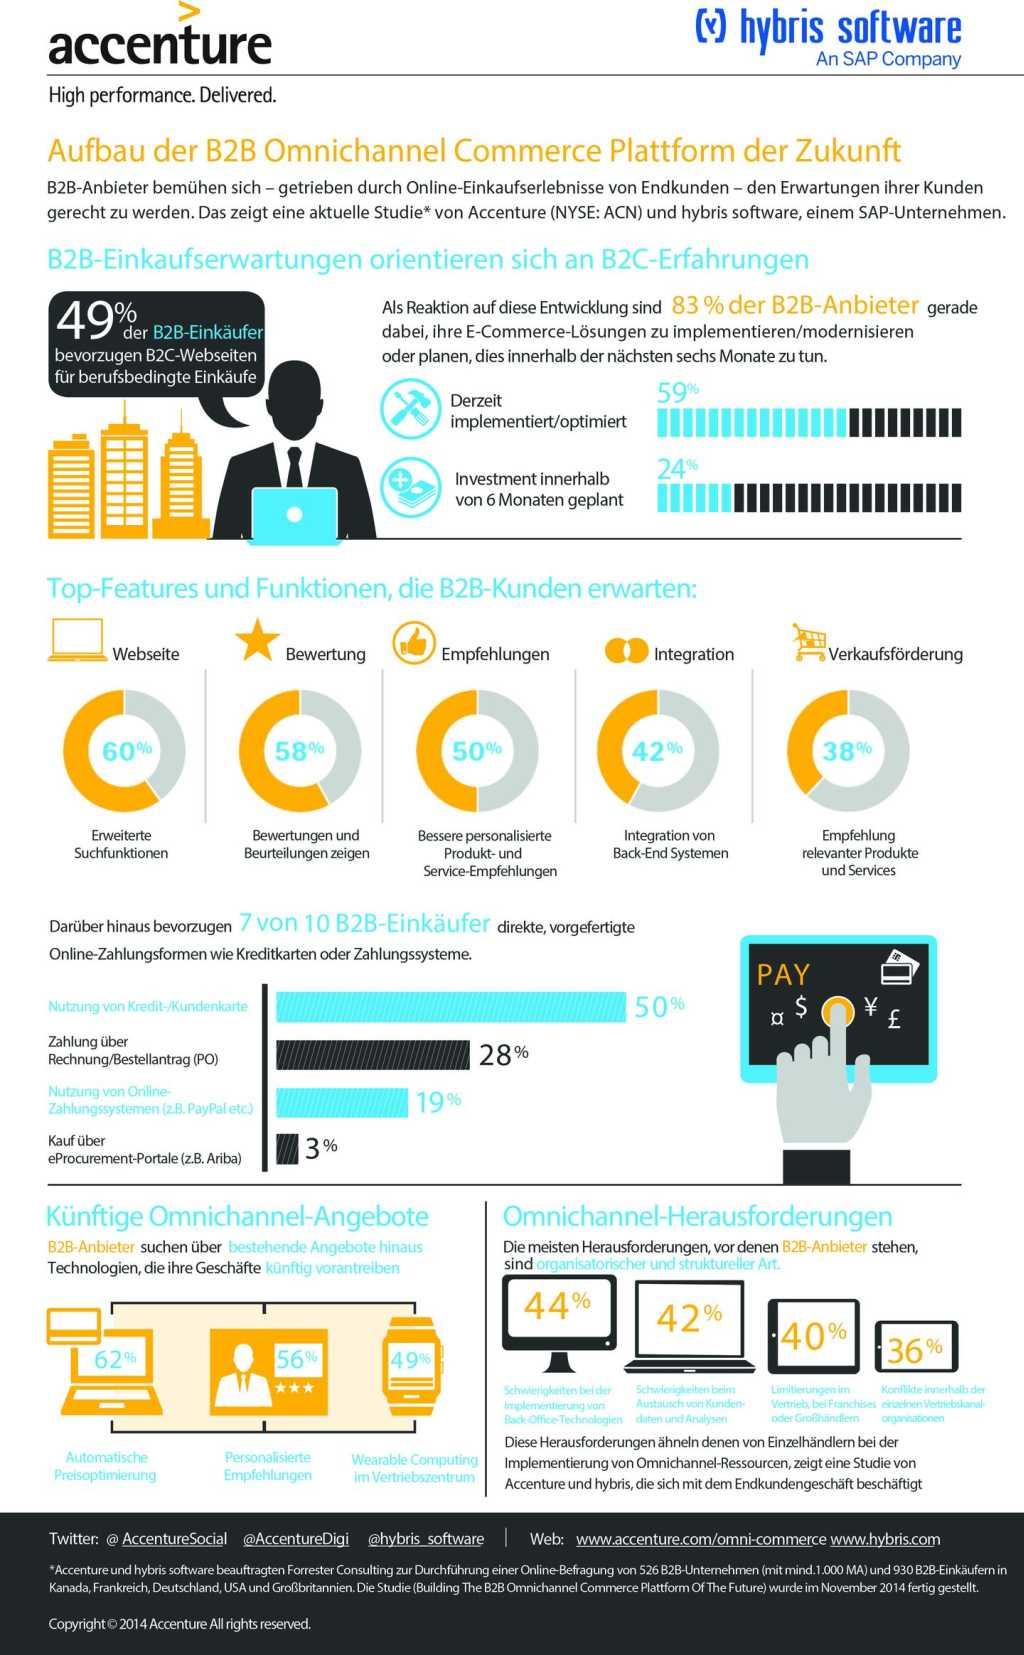 J14323_ACC_B2B Omni Channel__Infographic_Final_Deutsch